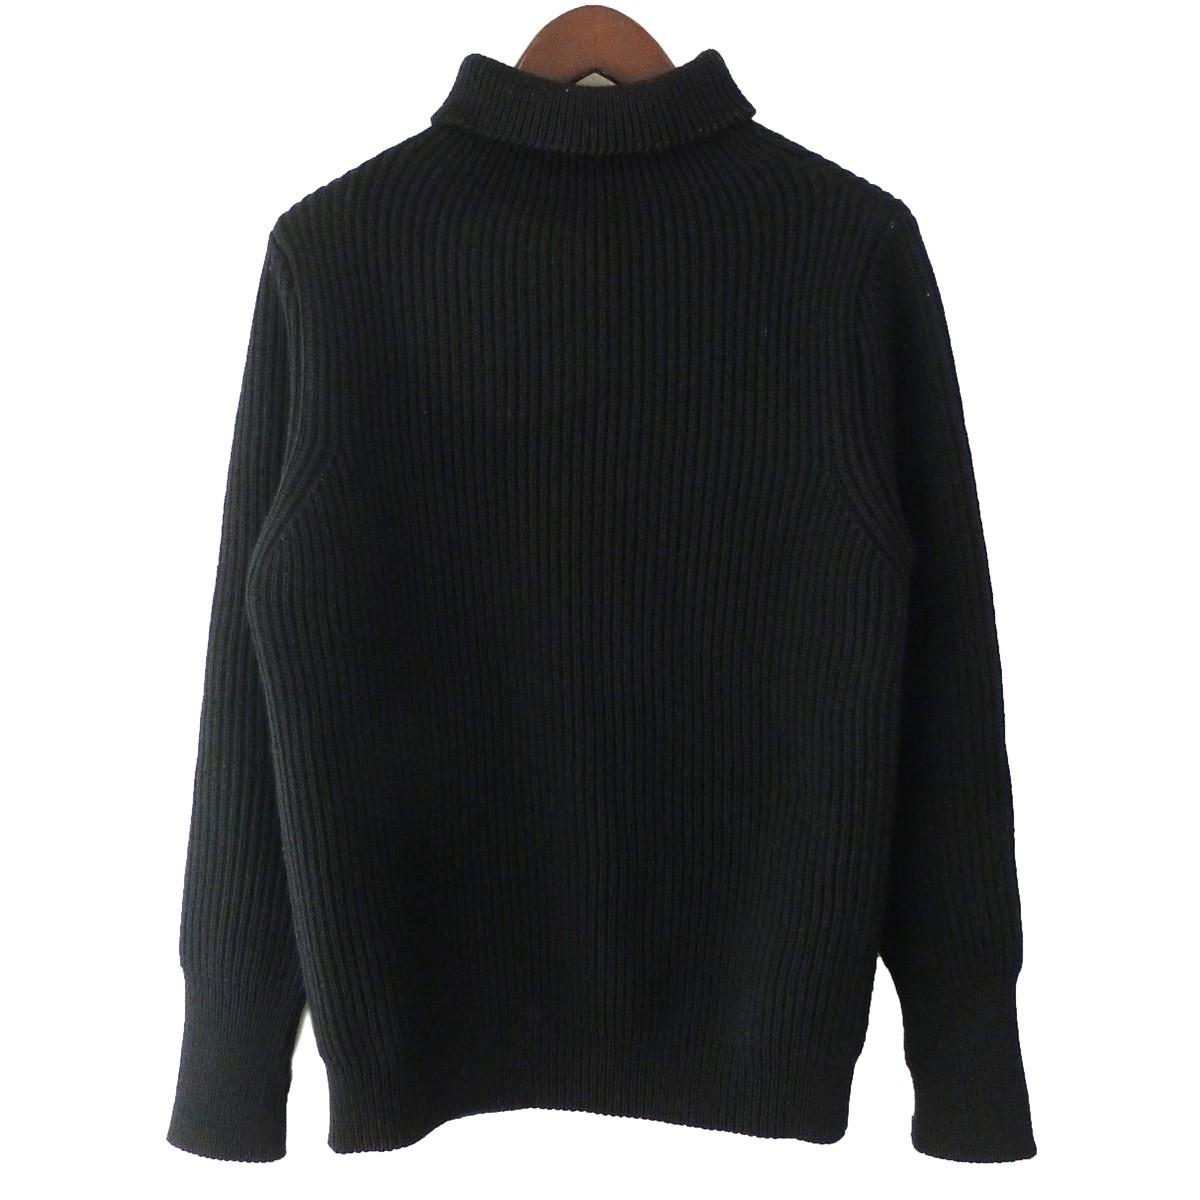 【中古】Andersen-Andersen タートルネックニットセーター ブラック サイズ:XS 【170420】(アンデルセン アンデルセン)